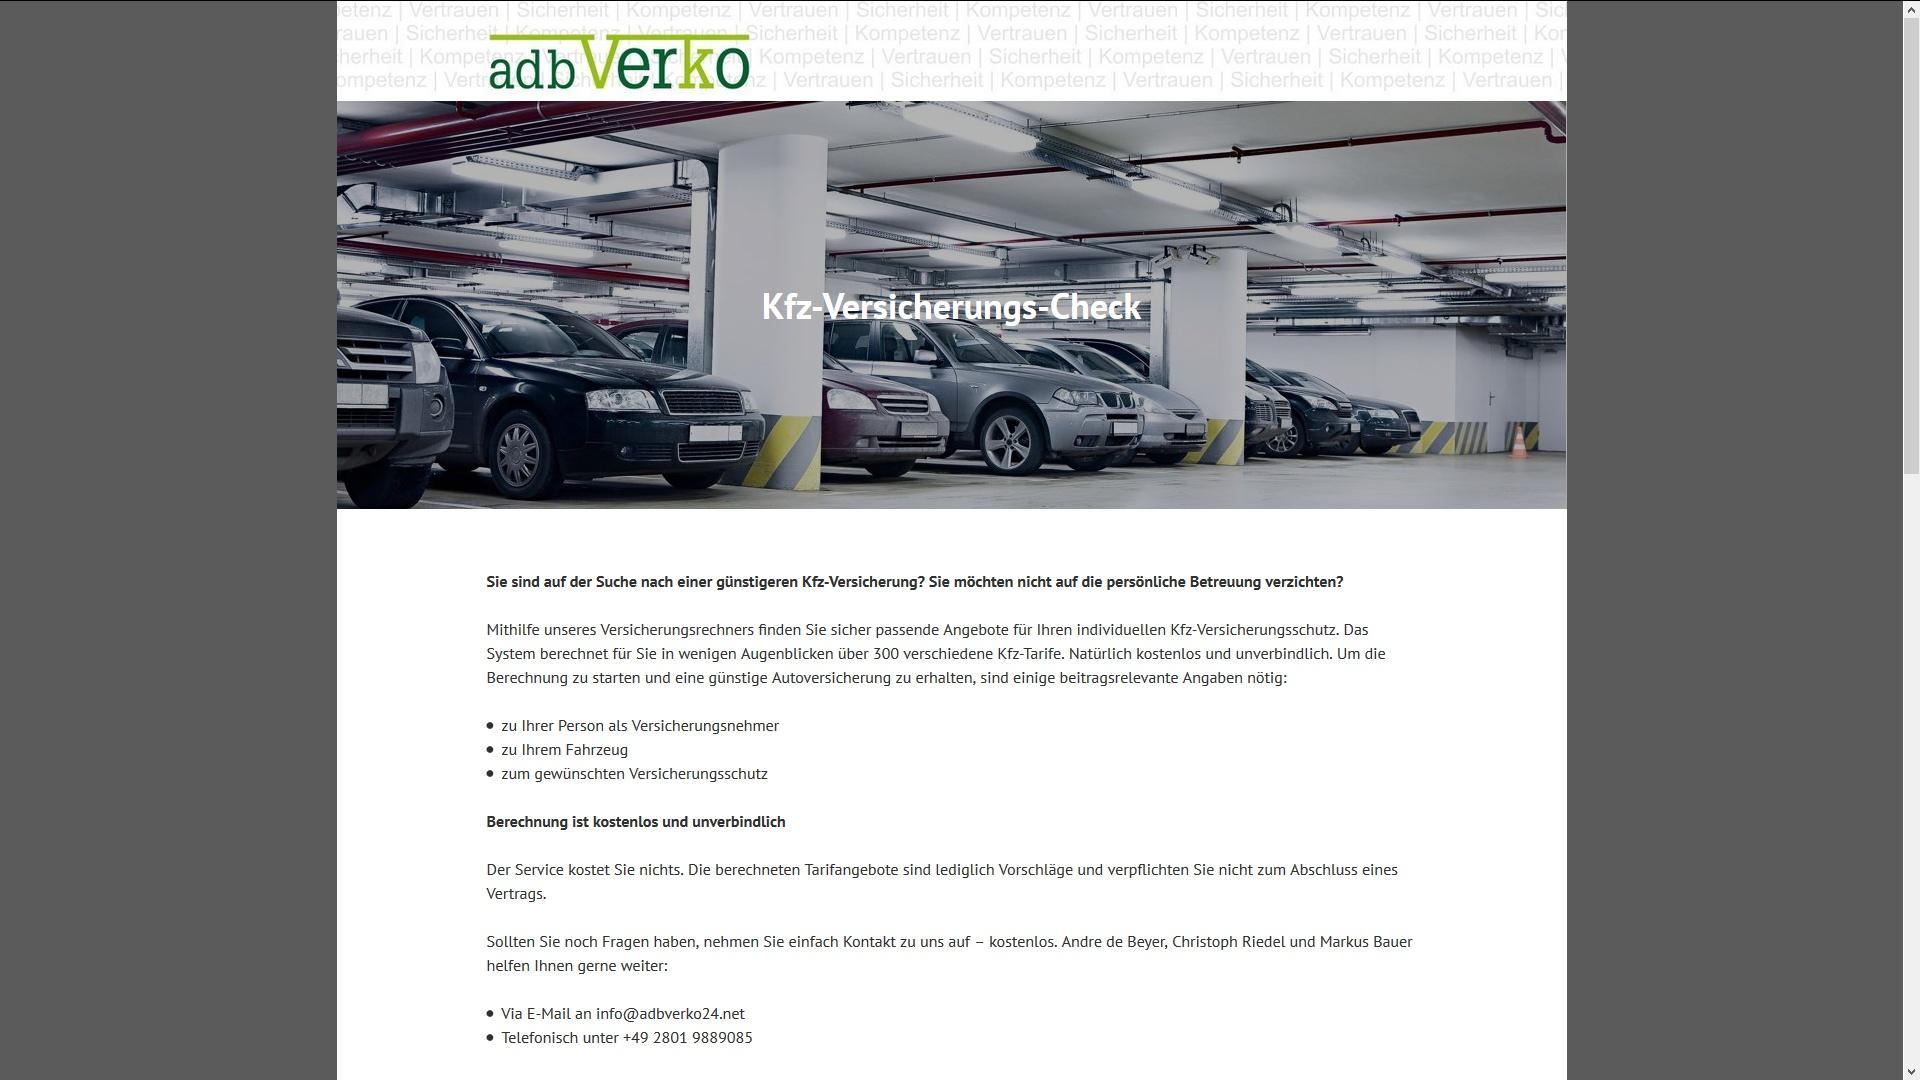 www.adbverko24.net